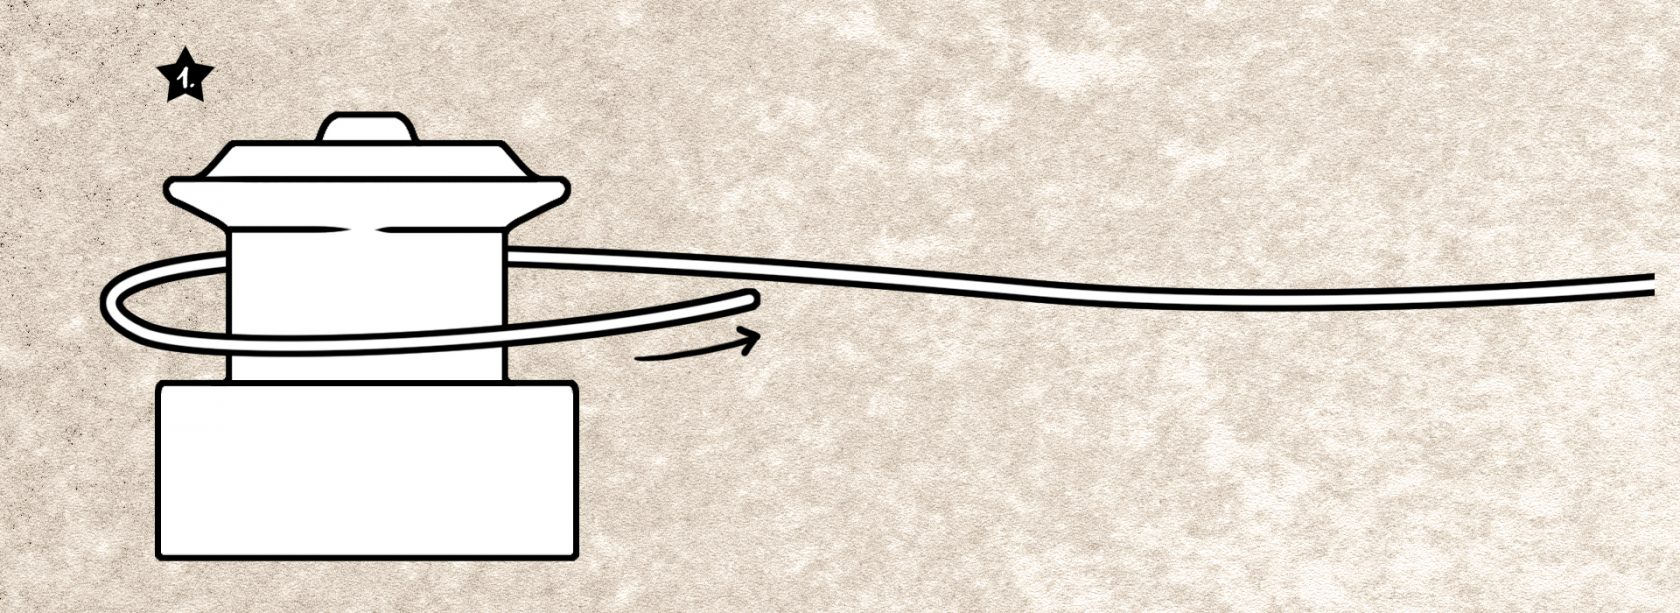 Spulenknoten für monofile Schnur